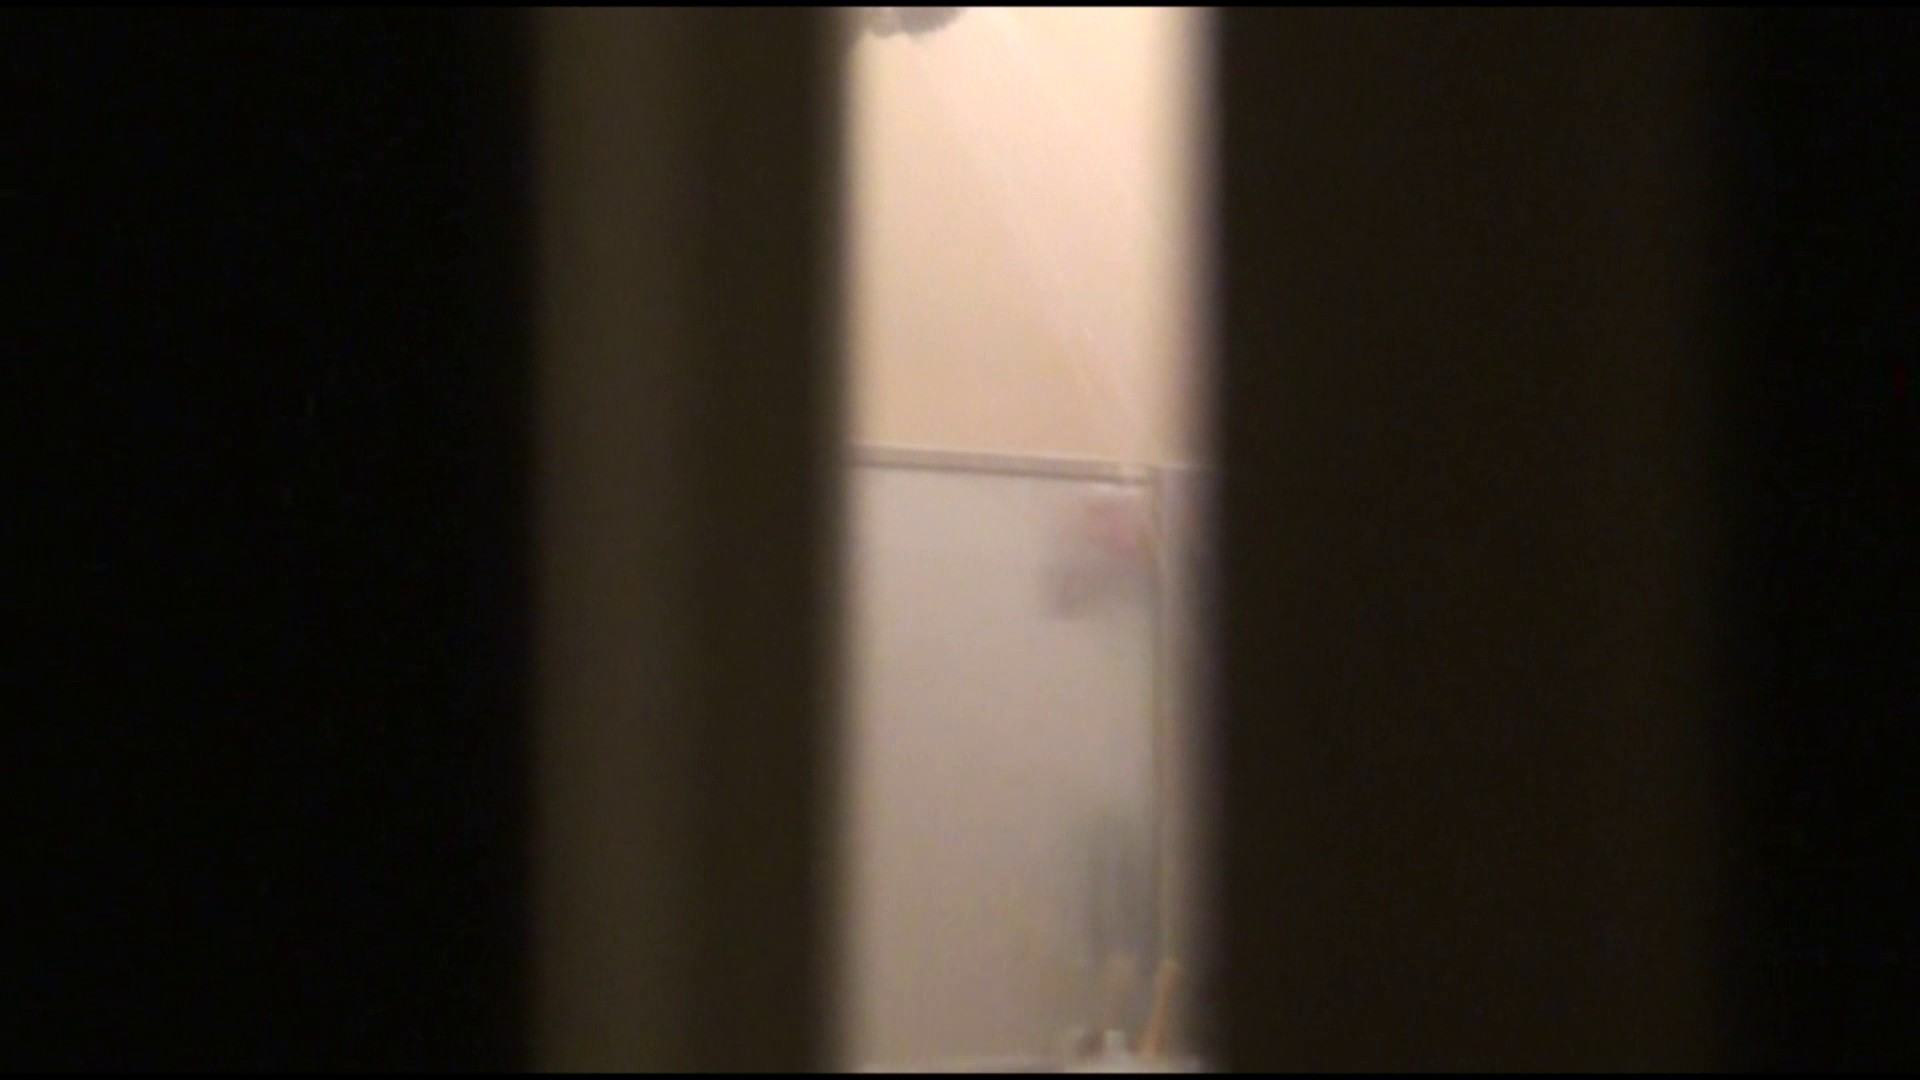 vol.08最高のパイラインを流れるシャワーの水が極上嬢をさらに引き立てます! 美肌 おまんこ無修正動画無料 78画像 27